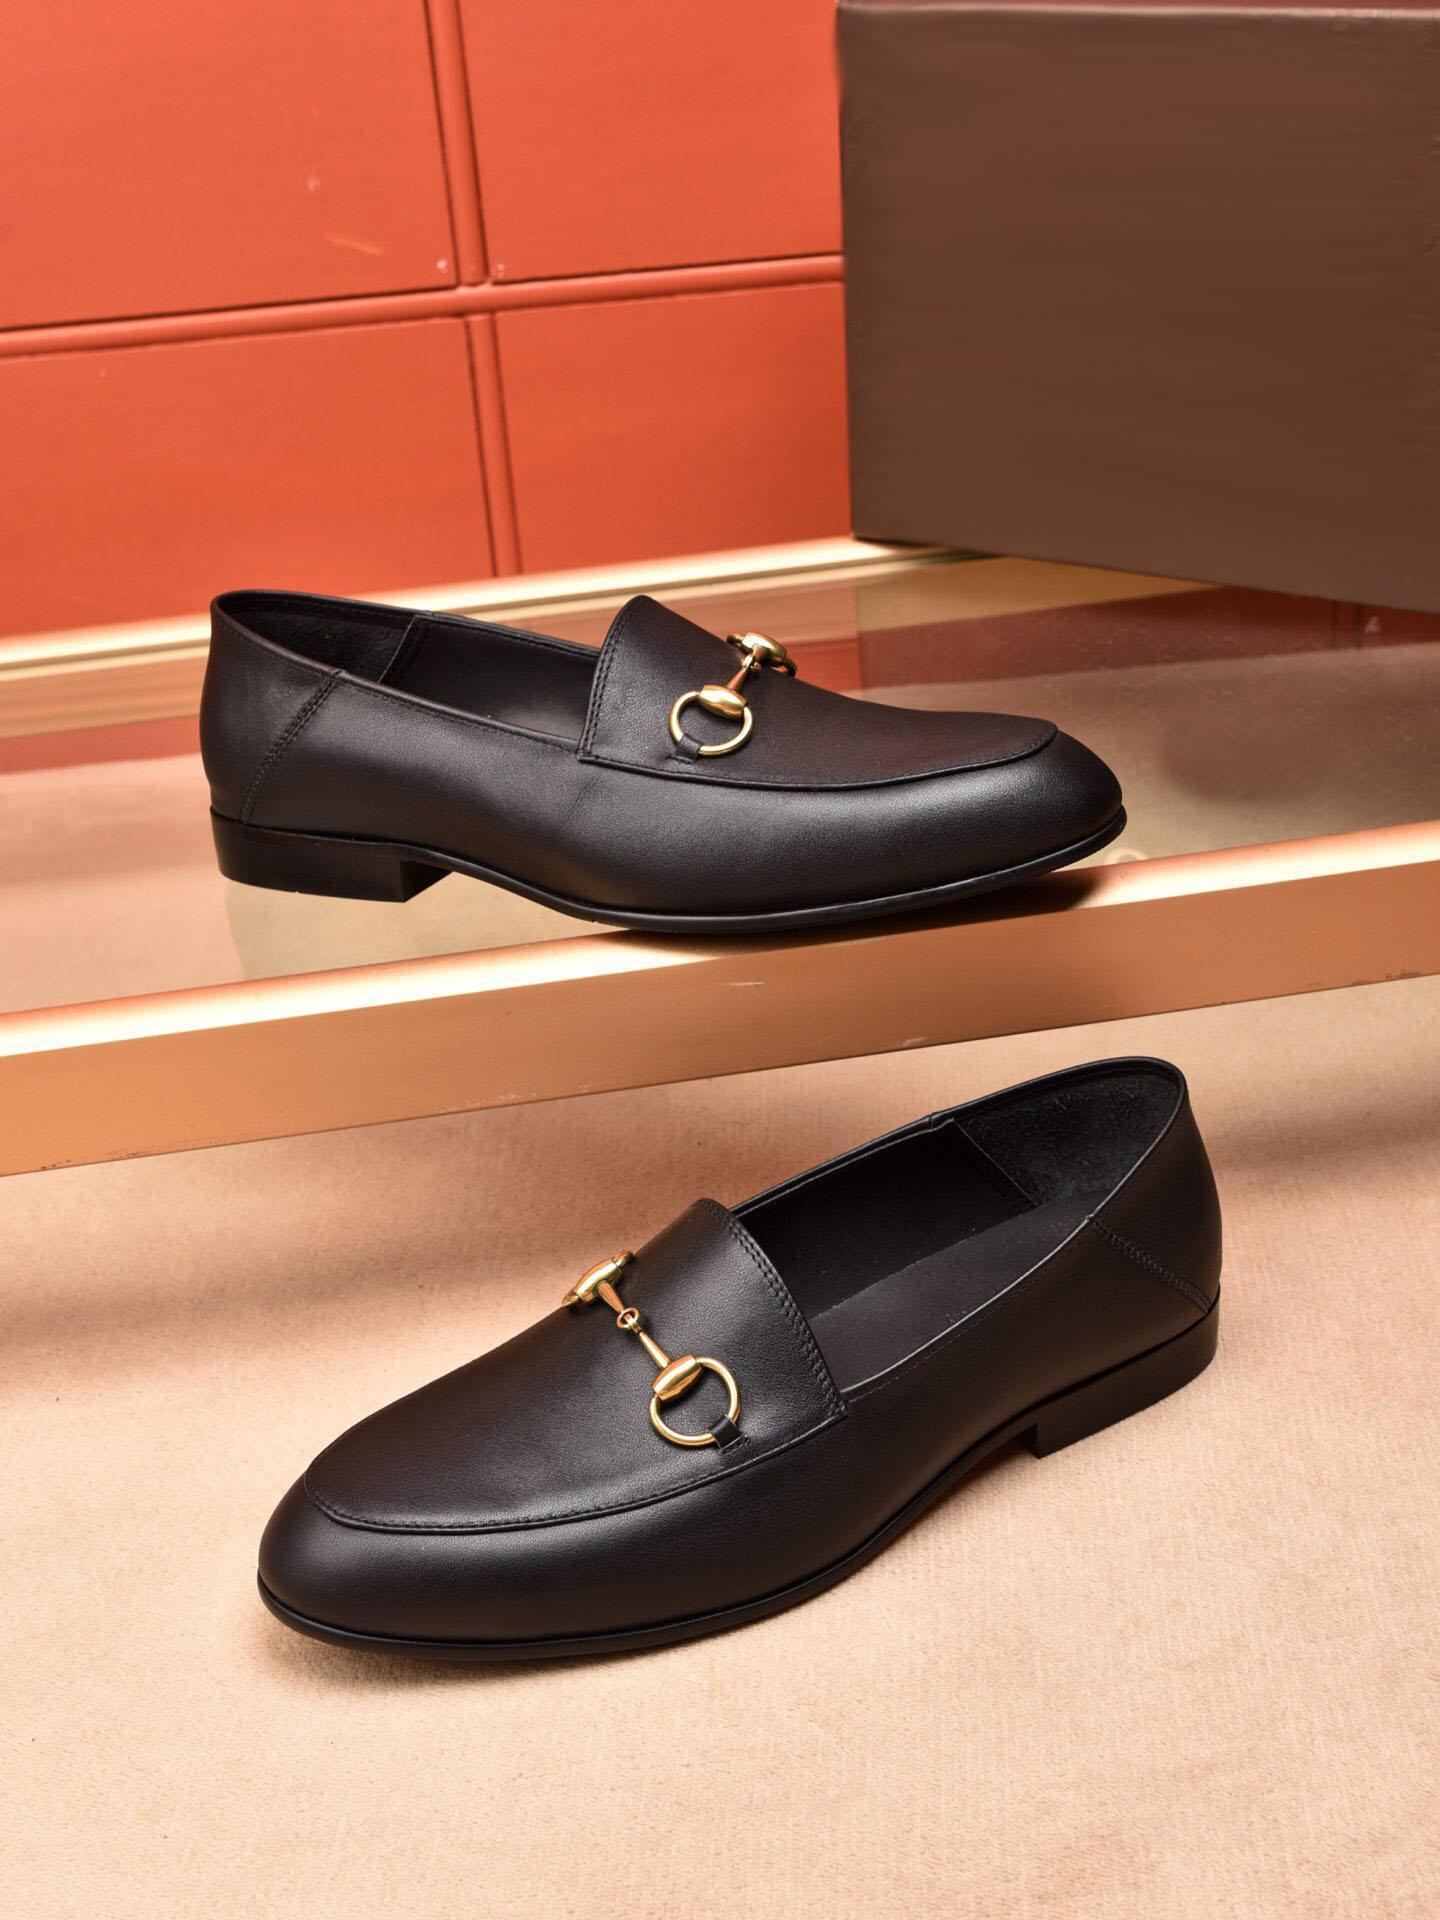 2019 남자 정품 가죽 공식적인 운전 신발 브랜드 미끄럼 식 사무실 웨딩 드레스 신발 moccasins 낮은 굽 oxfords zapatos hombre 크기 38-45